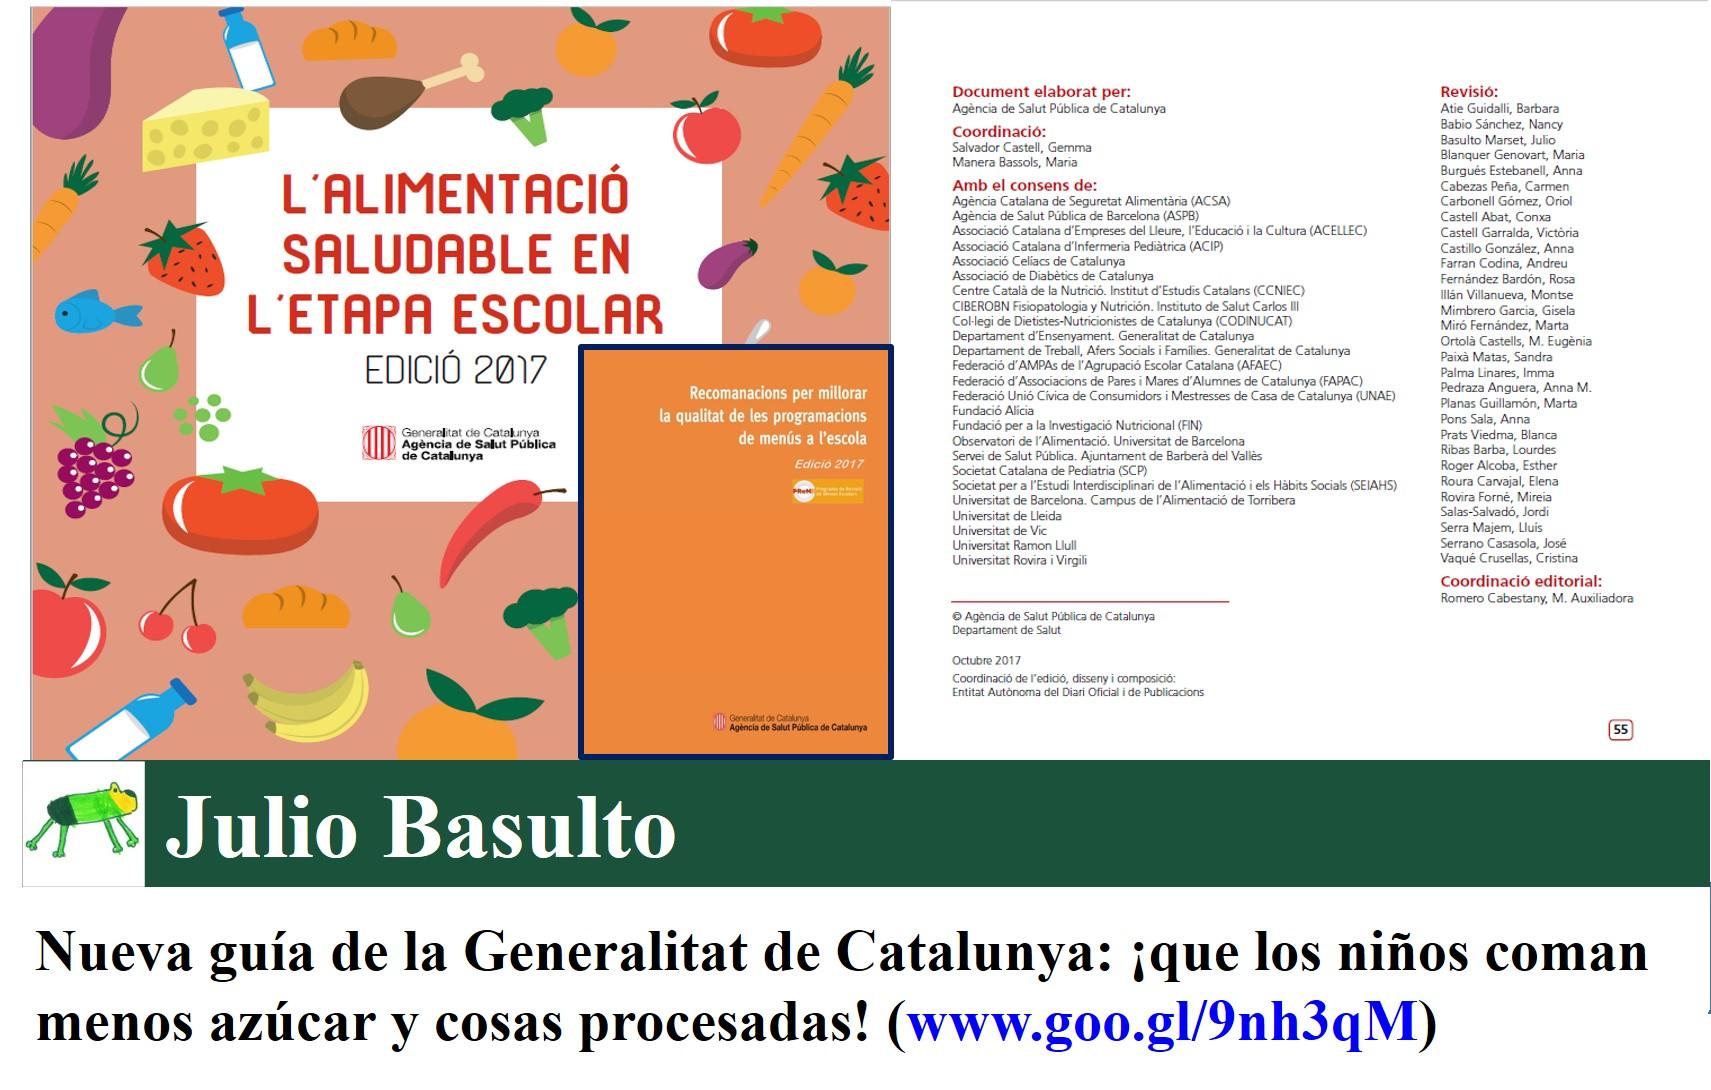 Nueva guía de la Generalitat de Catalunya: ¡que los niños coman menos azúcar y cosas procesadas!